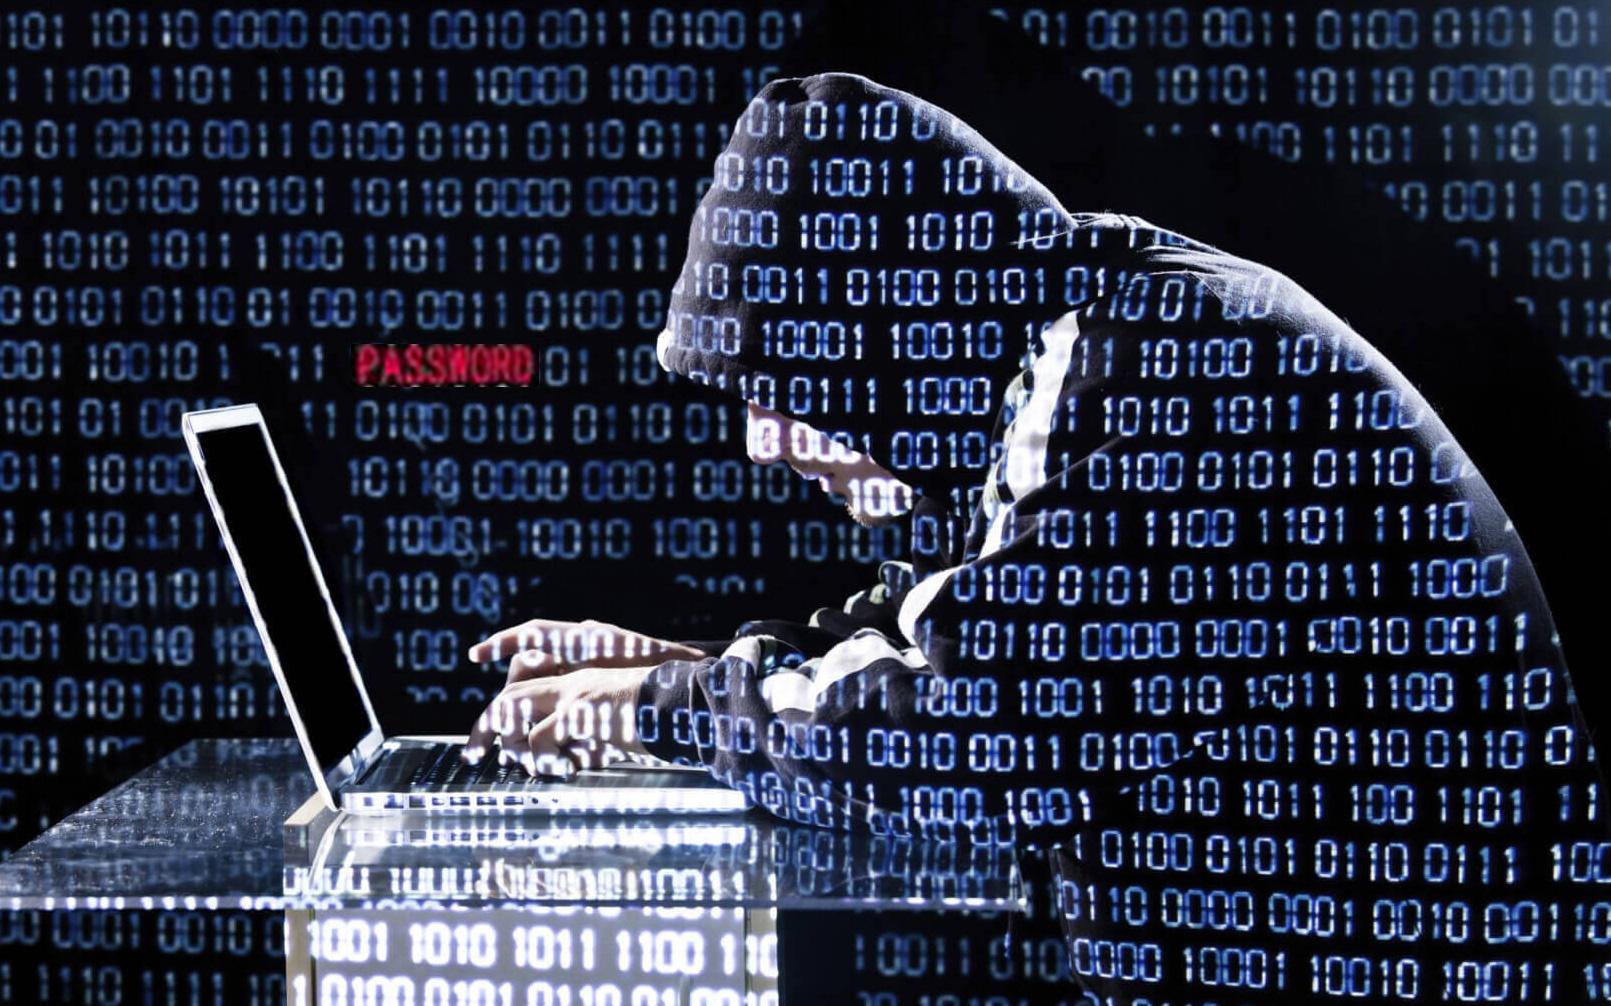 Sốc: Hơn 8,4 tỷ mật khẩu trên thế giới đang bị rò rỉ trên một diễn đàn mạng xã hội